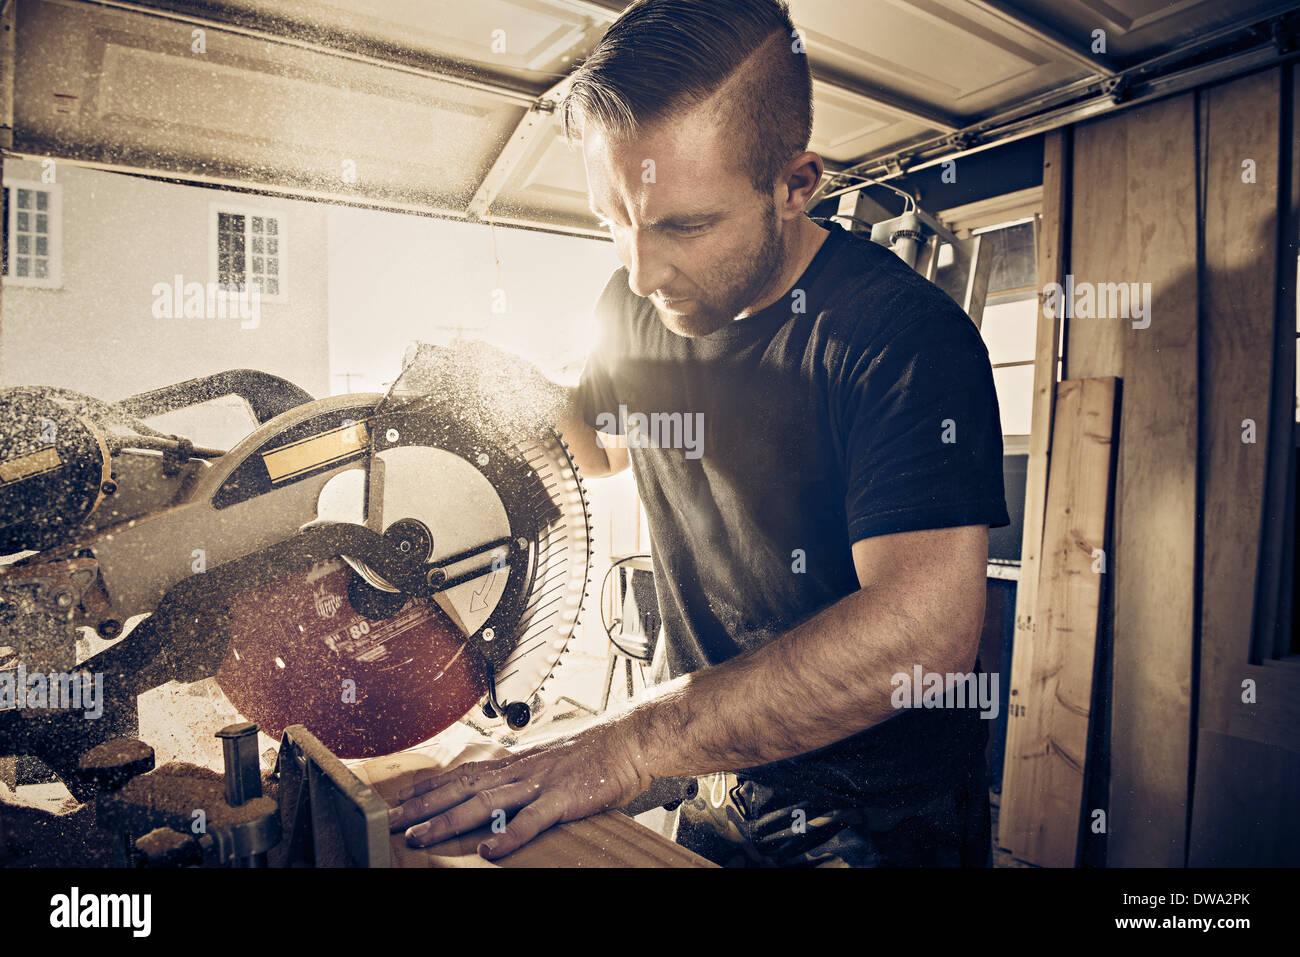 Männliche Schreiner Sägen Holzbrett in Werkstatt Stockbild